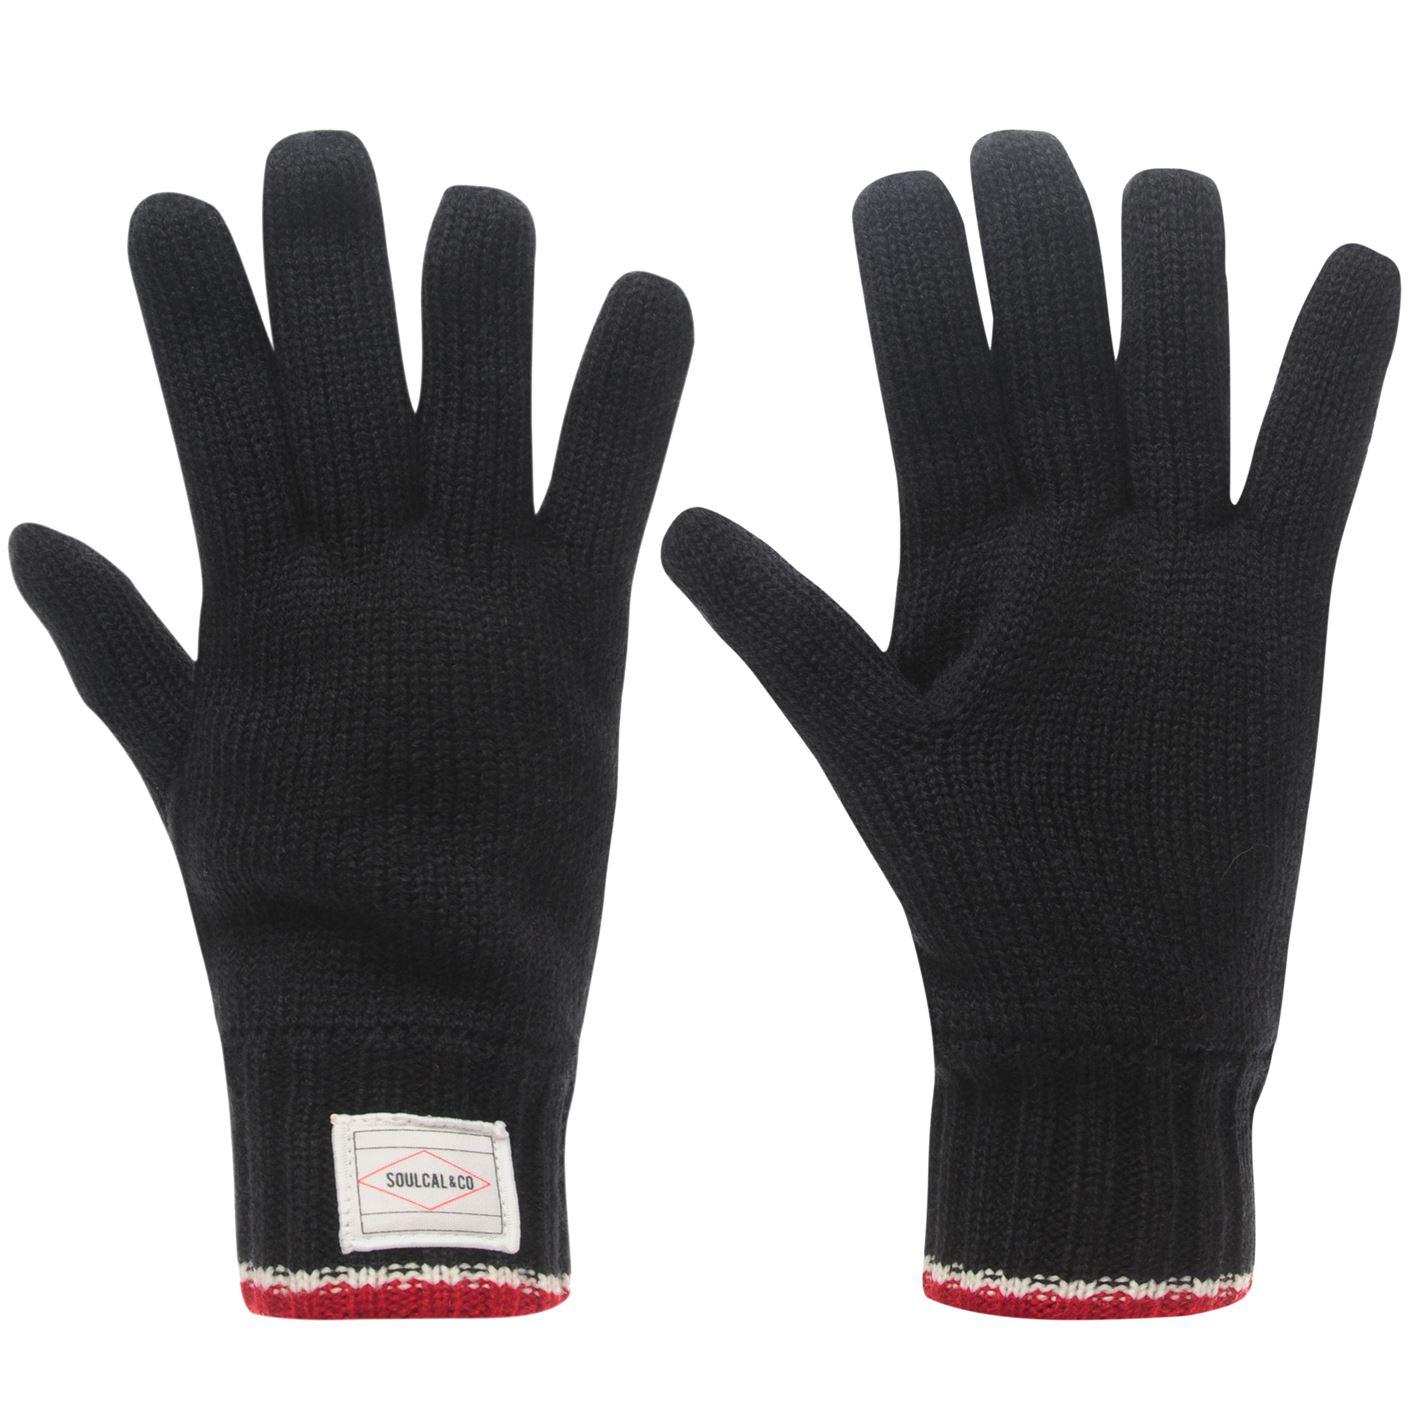 SoulCal Brand Gloves Mens